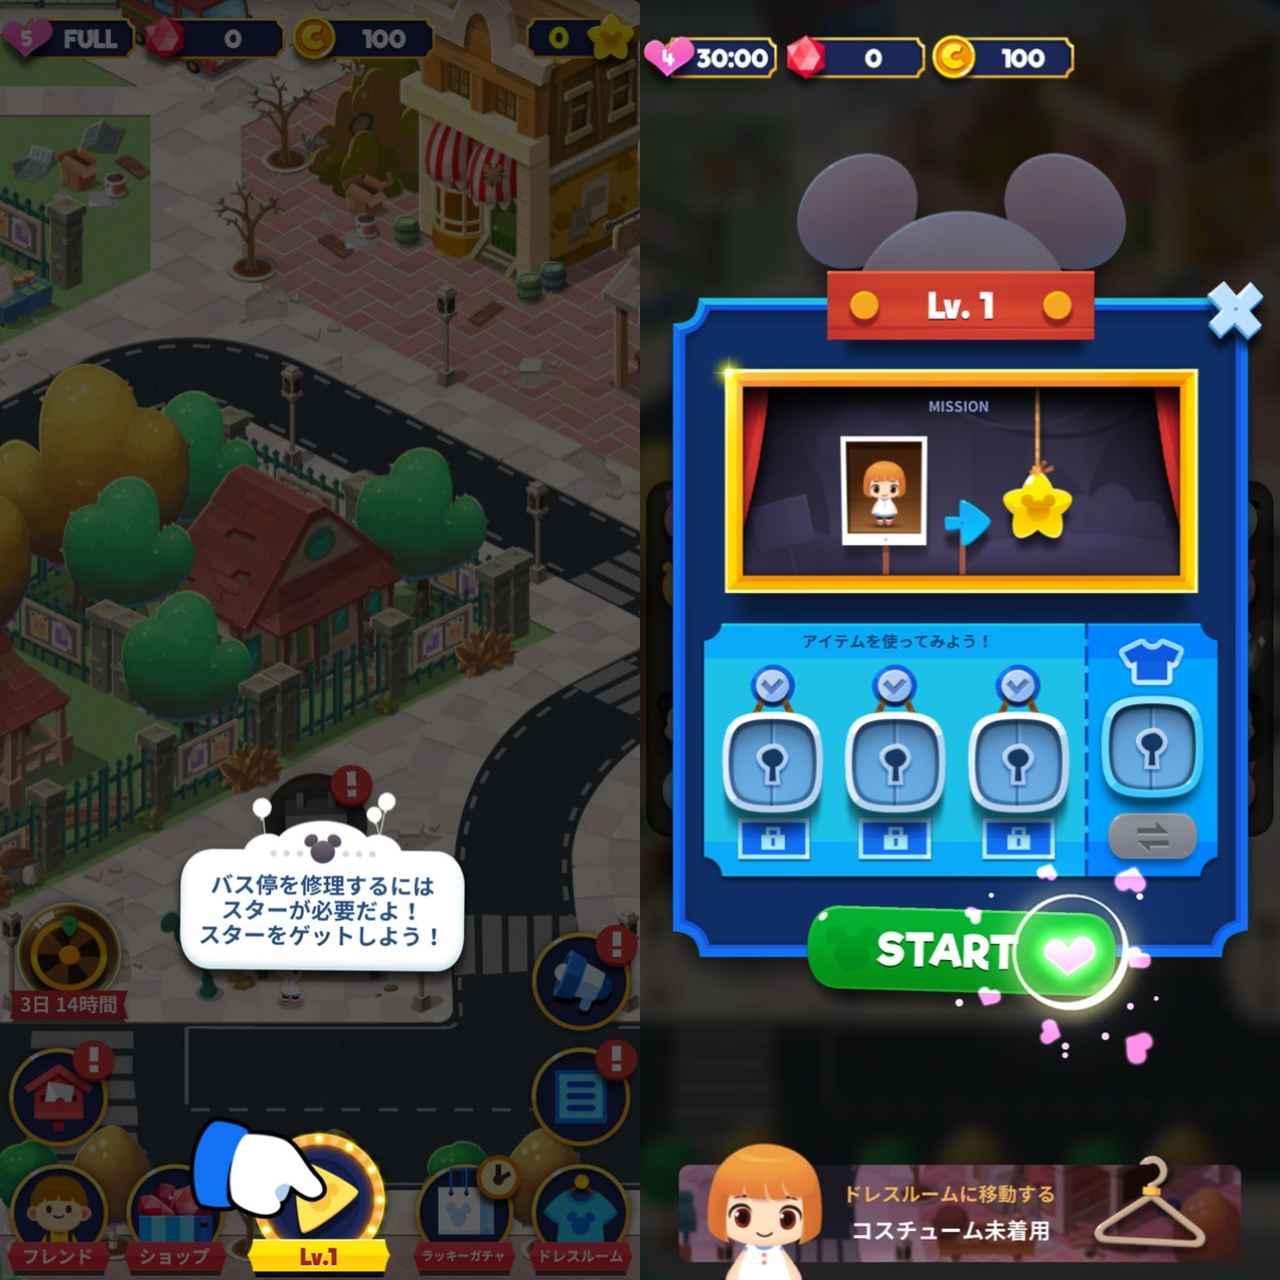 画像1: 街を綺麗にするための「スター」はパズルで獲得!